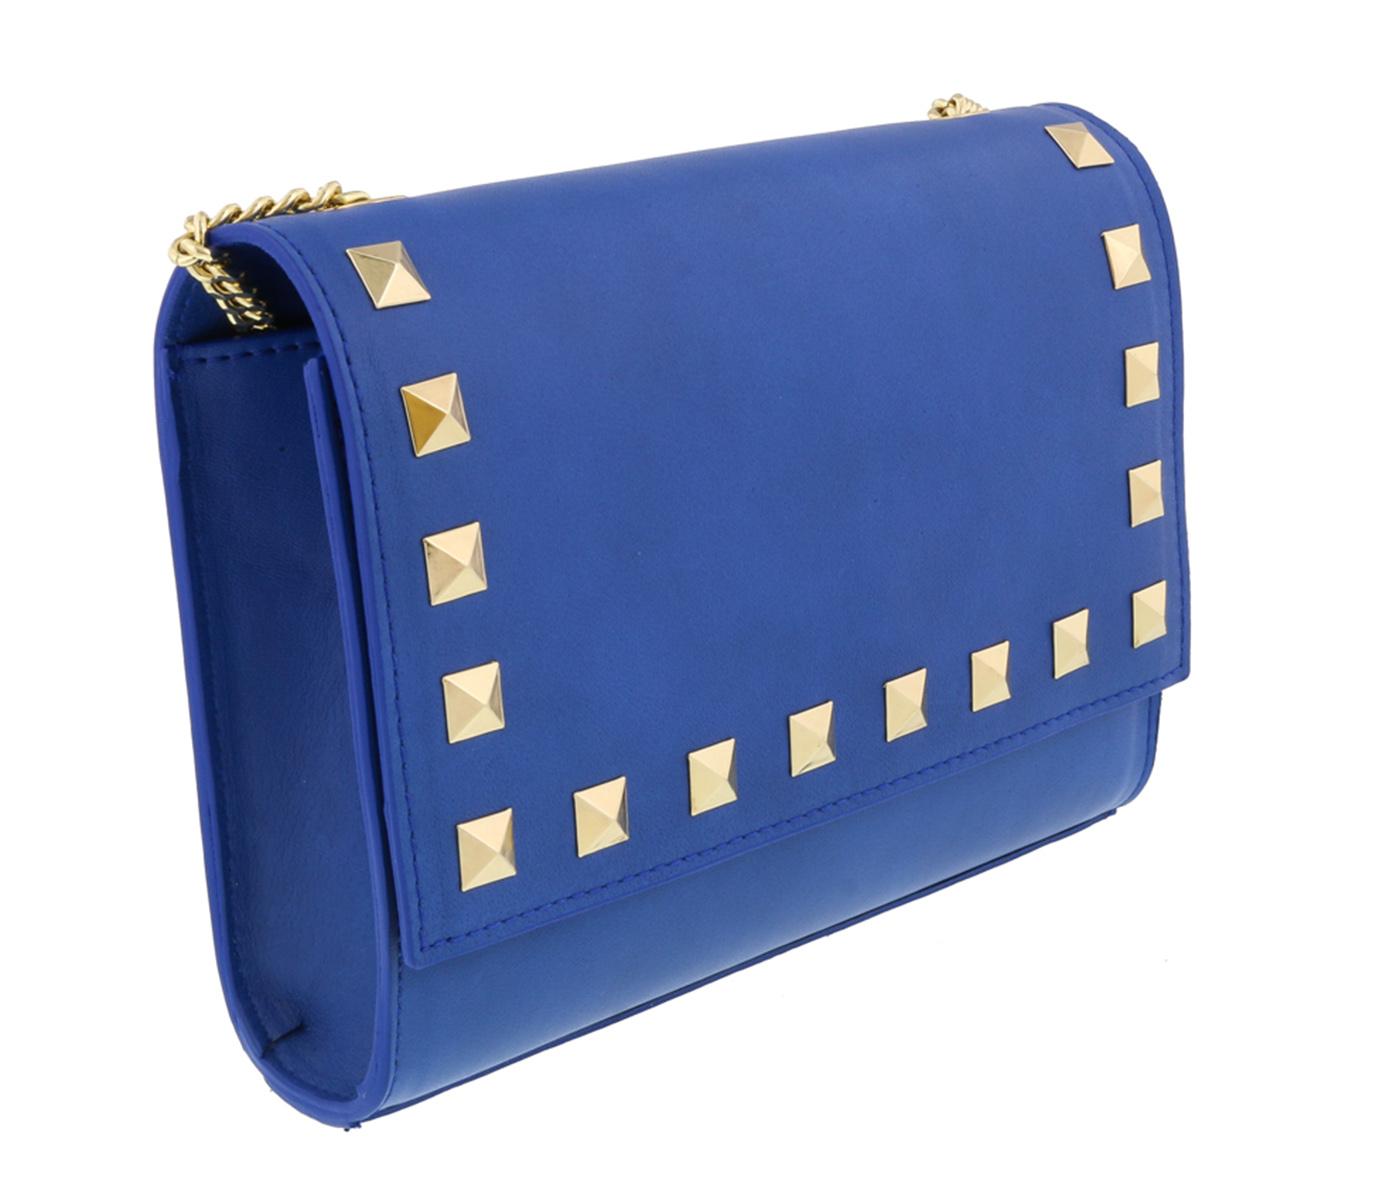 Scheilan  Electric Blue Leather Studded Flap  Shoulder Bag